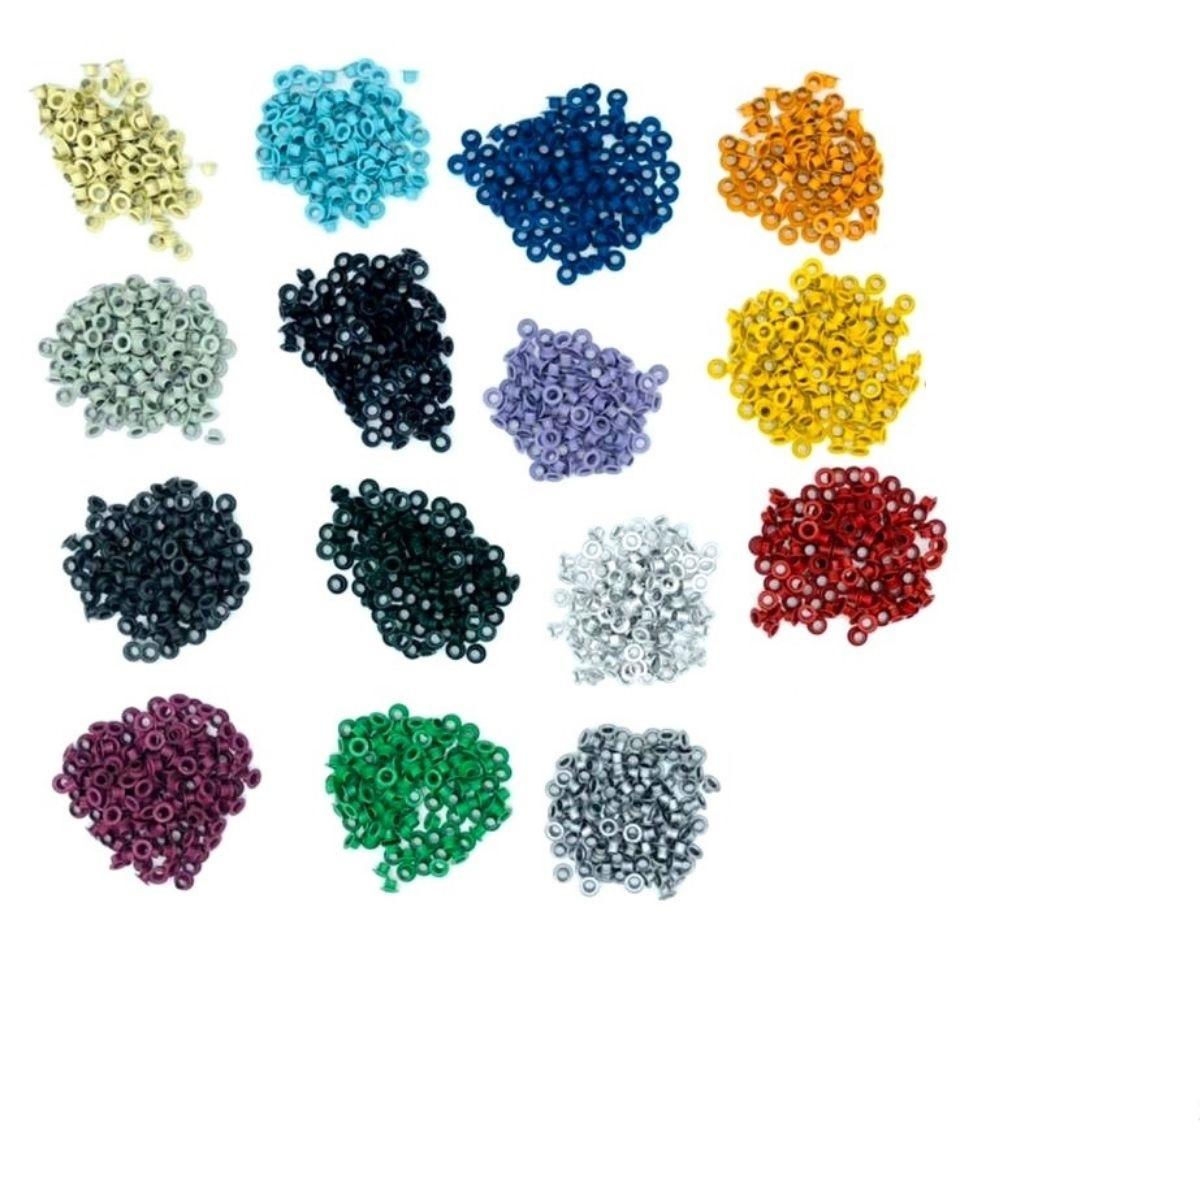 Ilhós 54 aluminio 15 cores com 100 peças cada